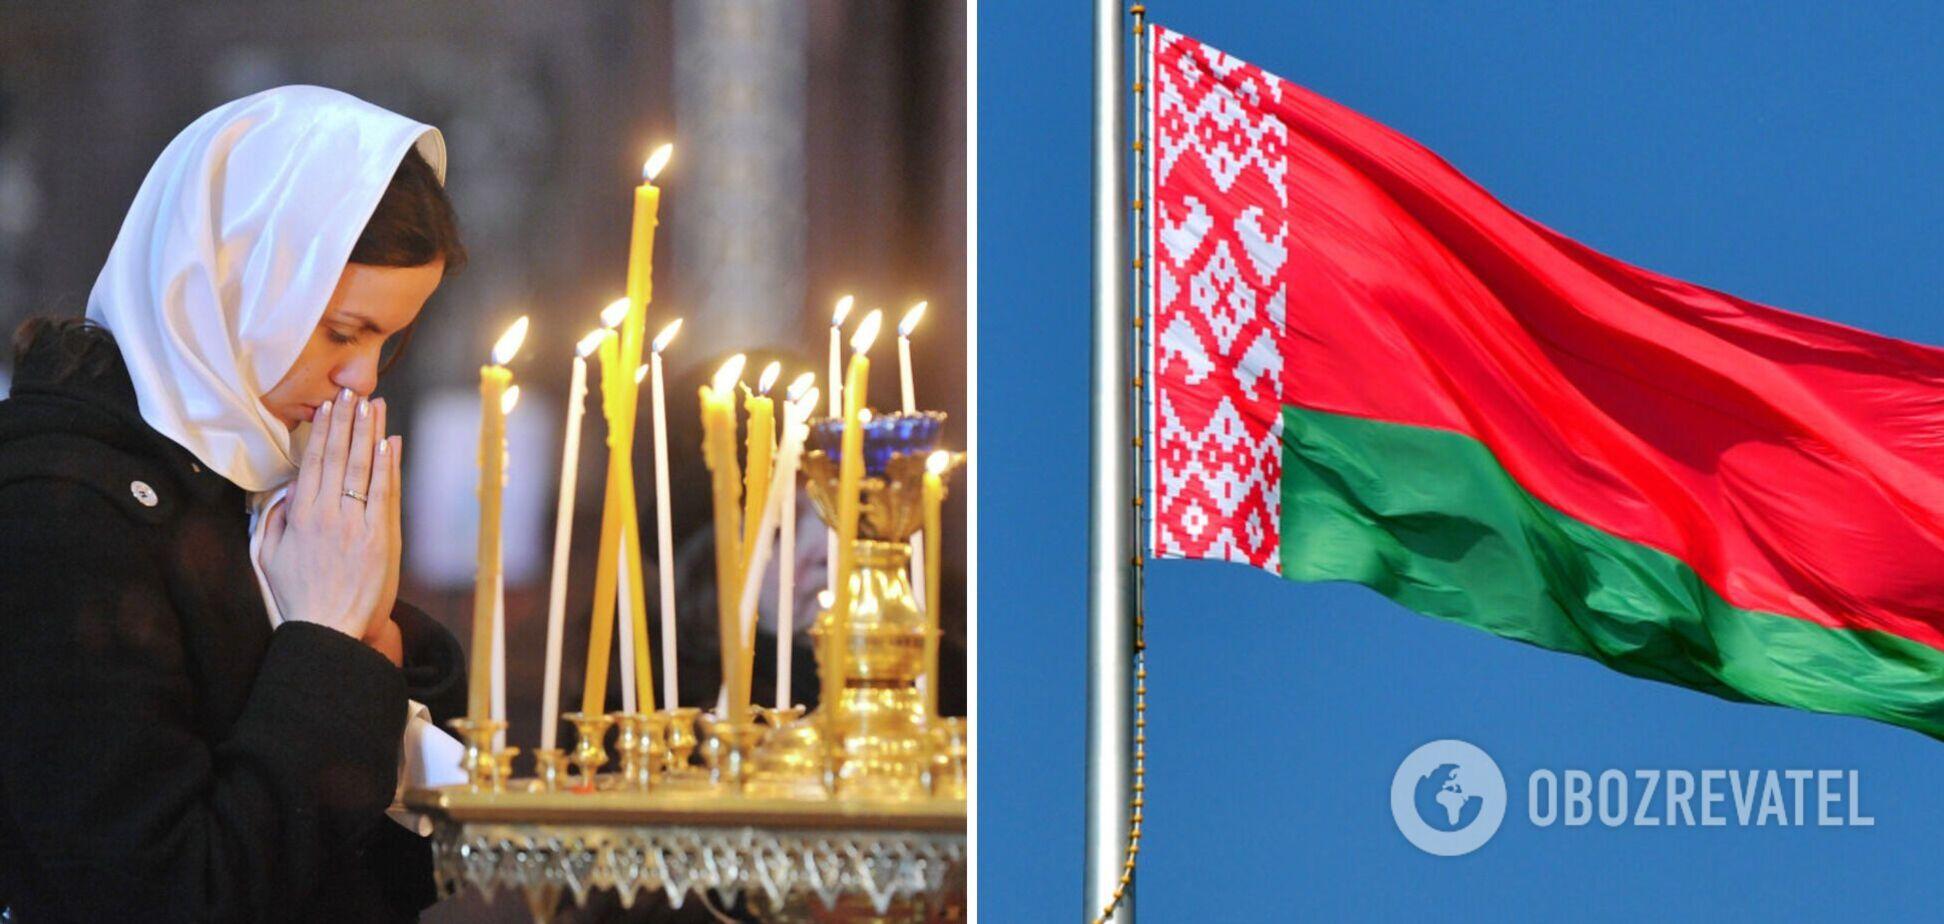 У Білорусі працівників держпідприємств зганяють на молитву за країну